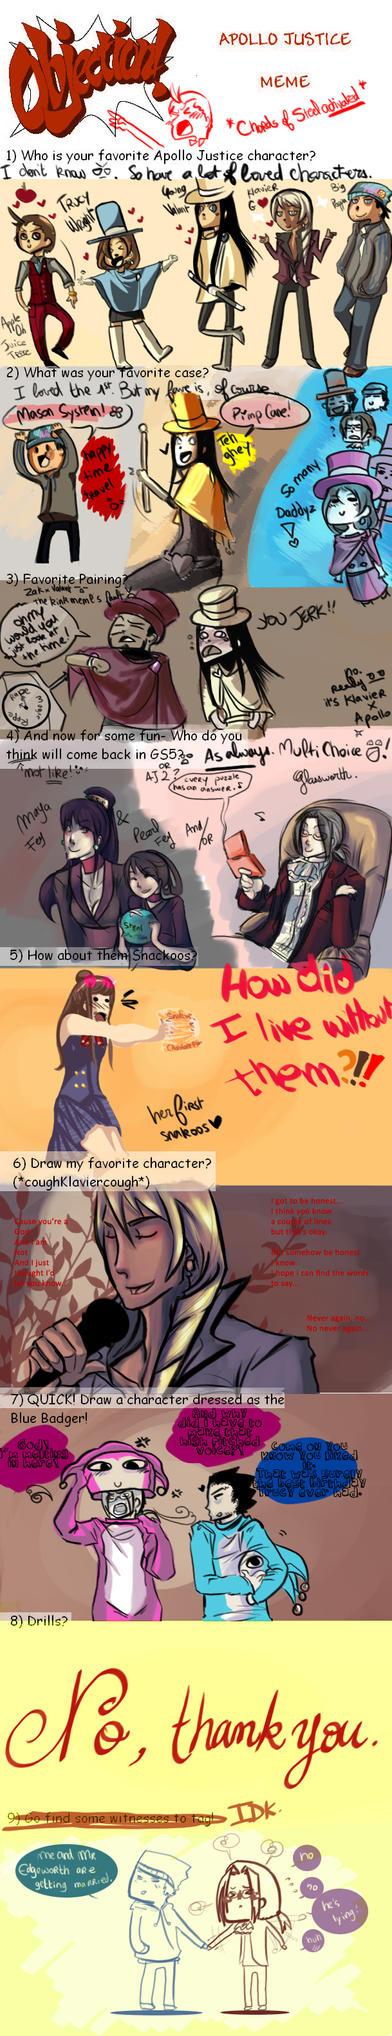 Apple Oh Juice Tice Meme by Yasu-Aibu